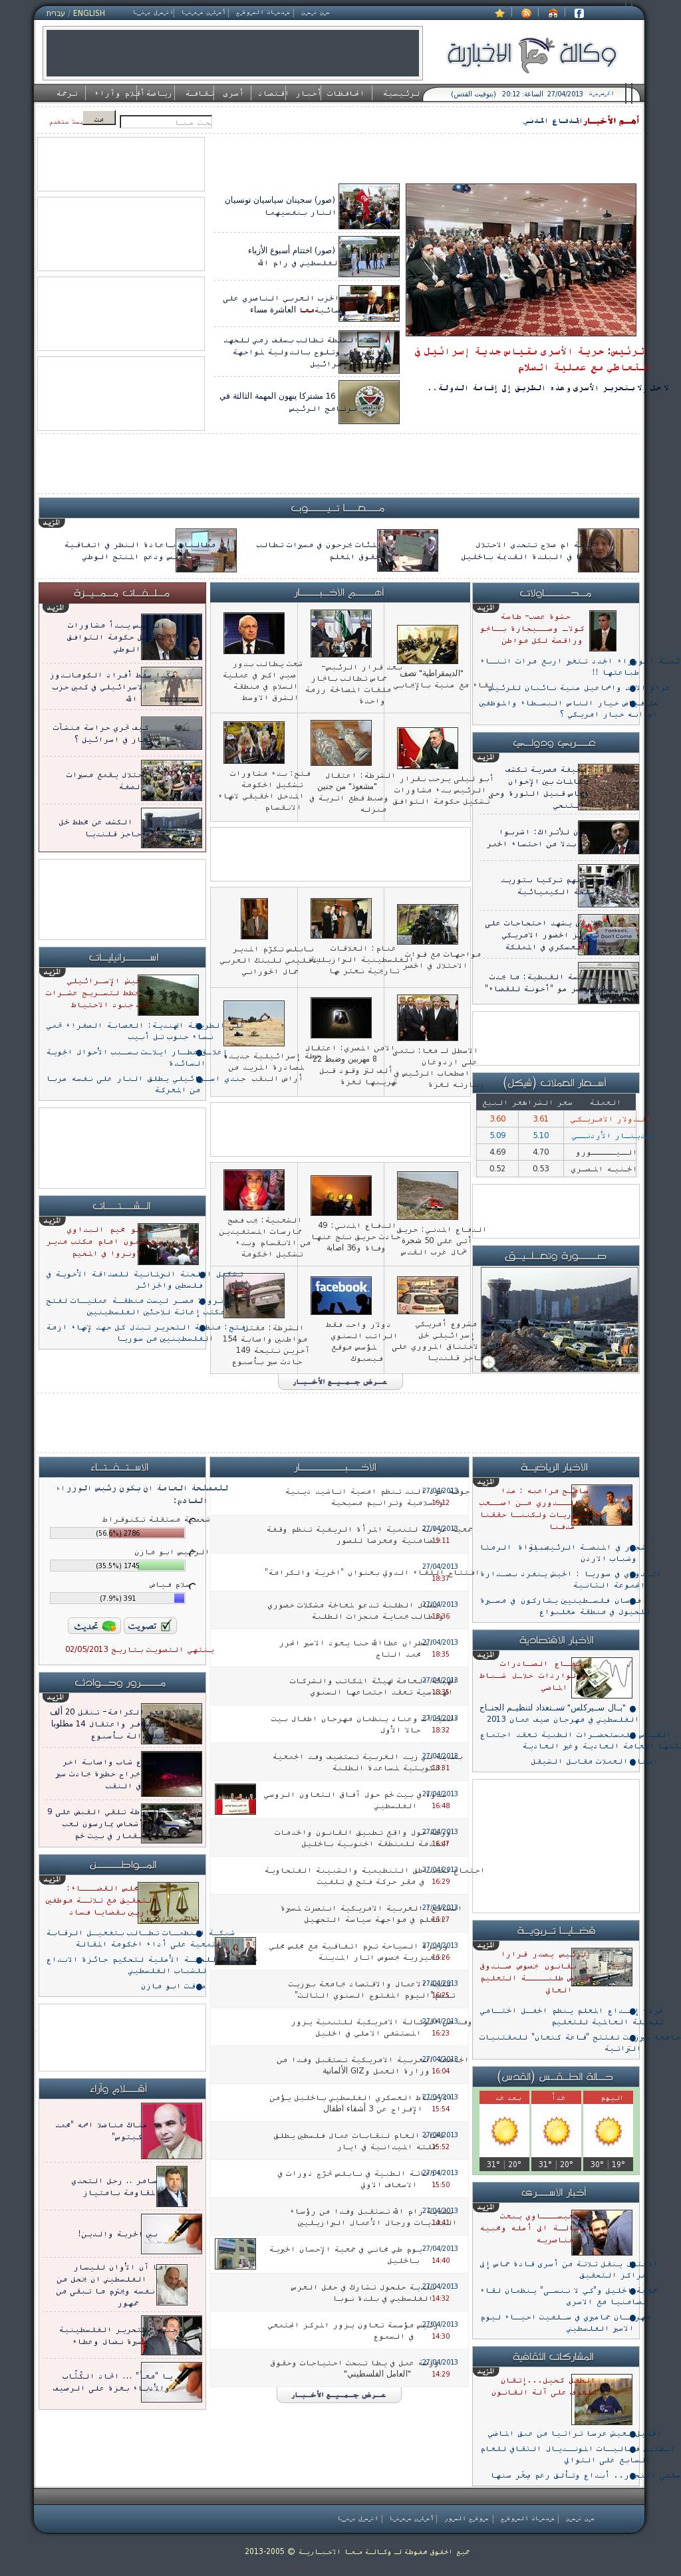 Ma'an News at Saturday April 27, 2013, 5:12 p.m. UTC